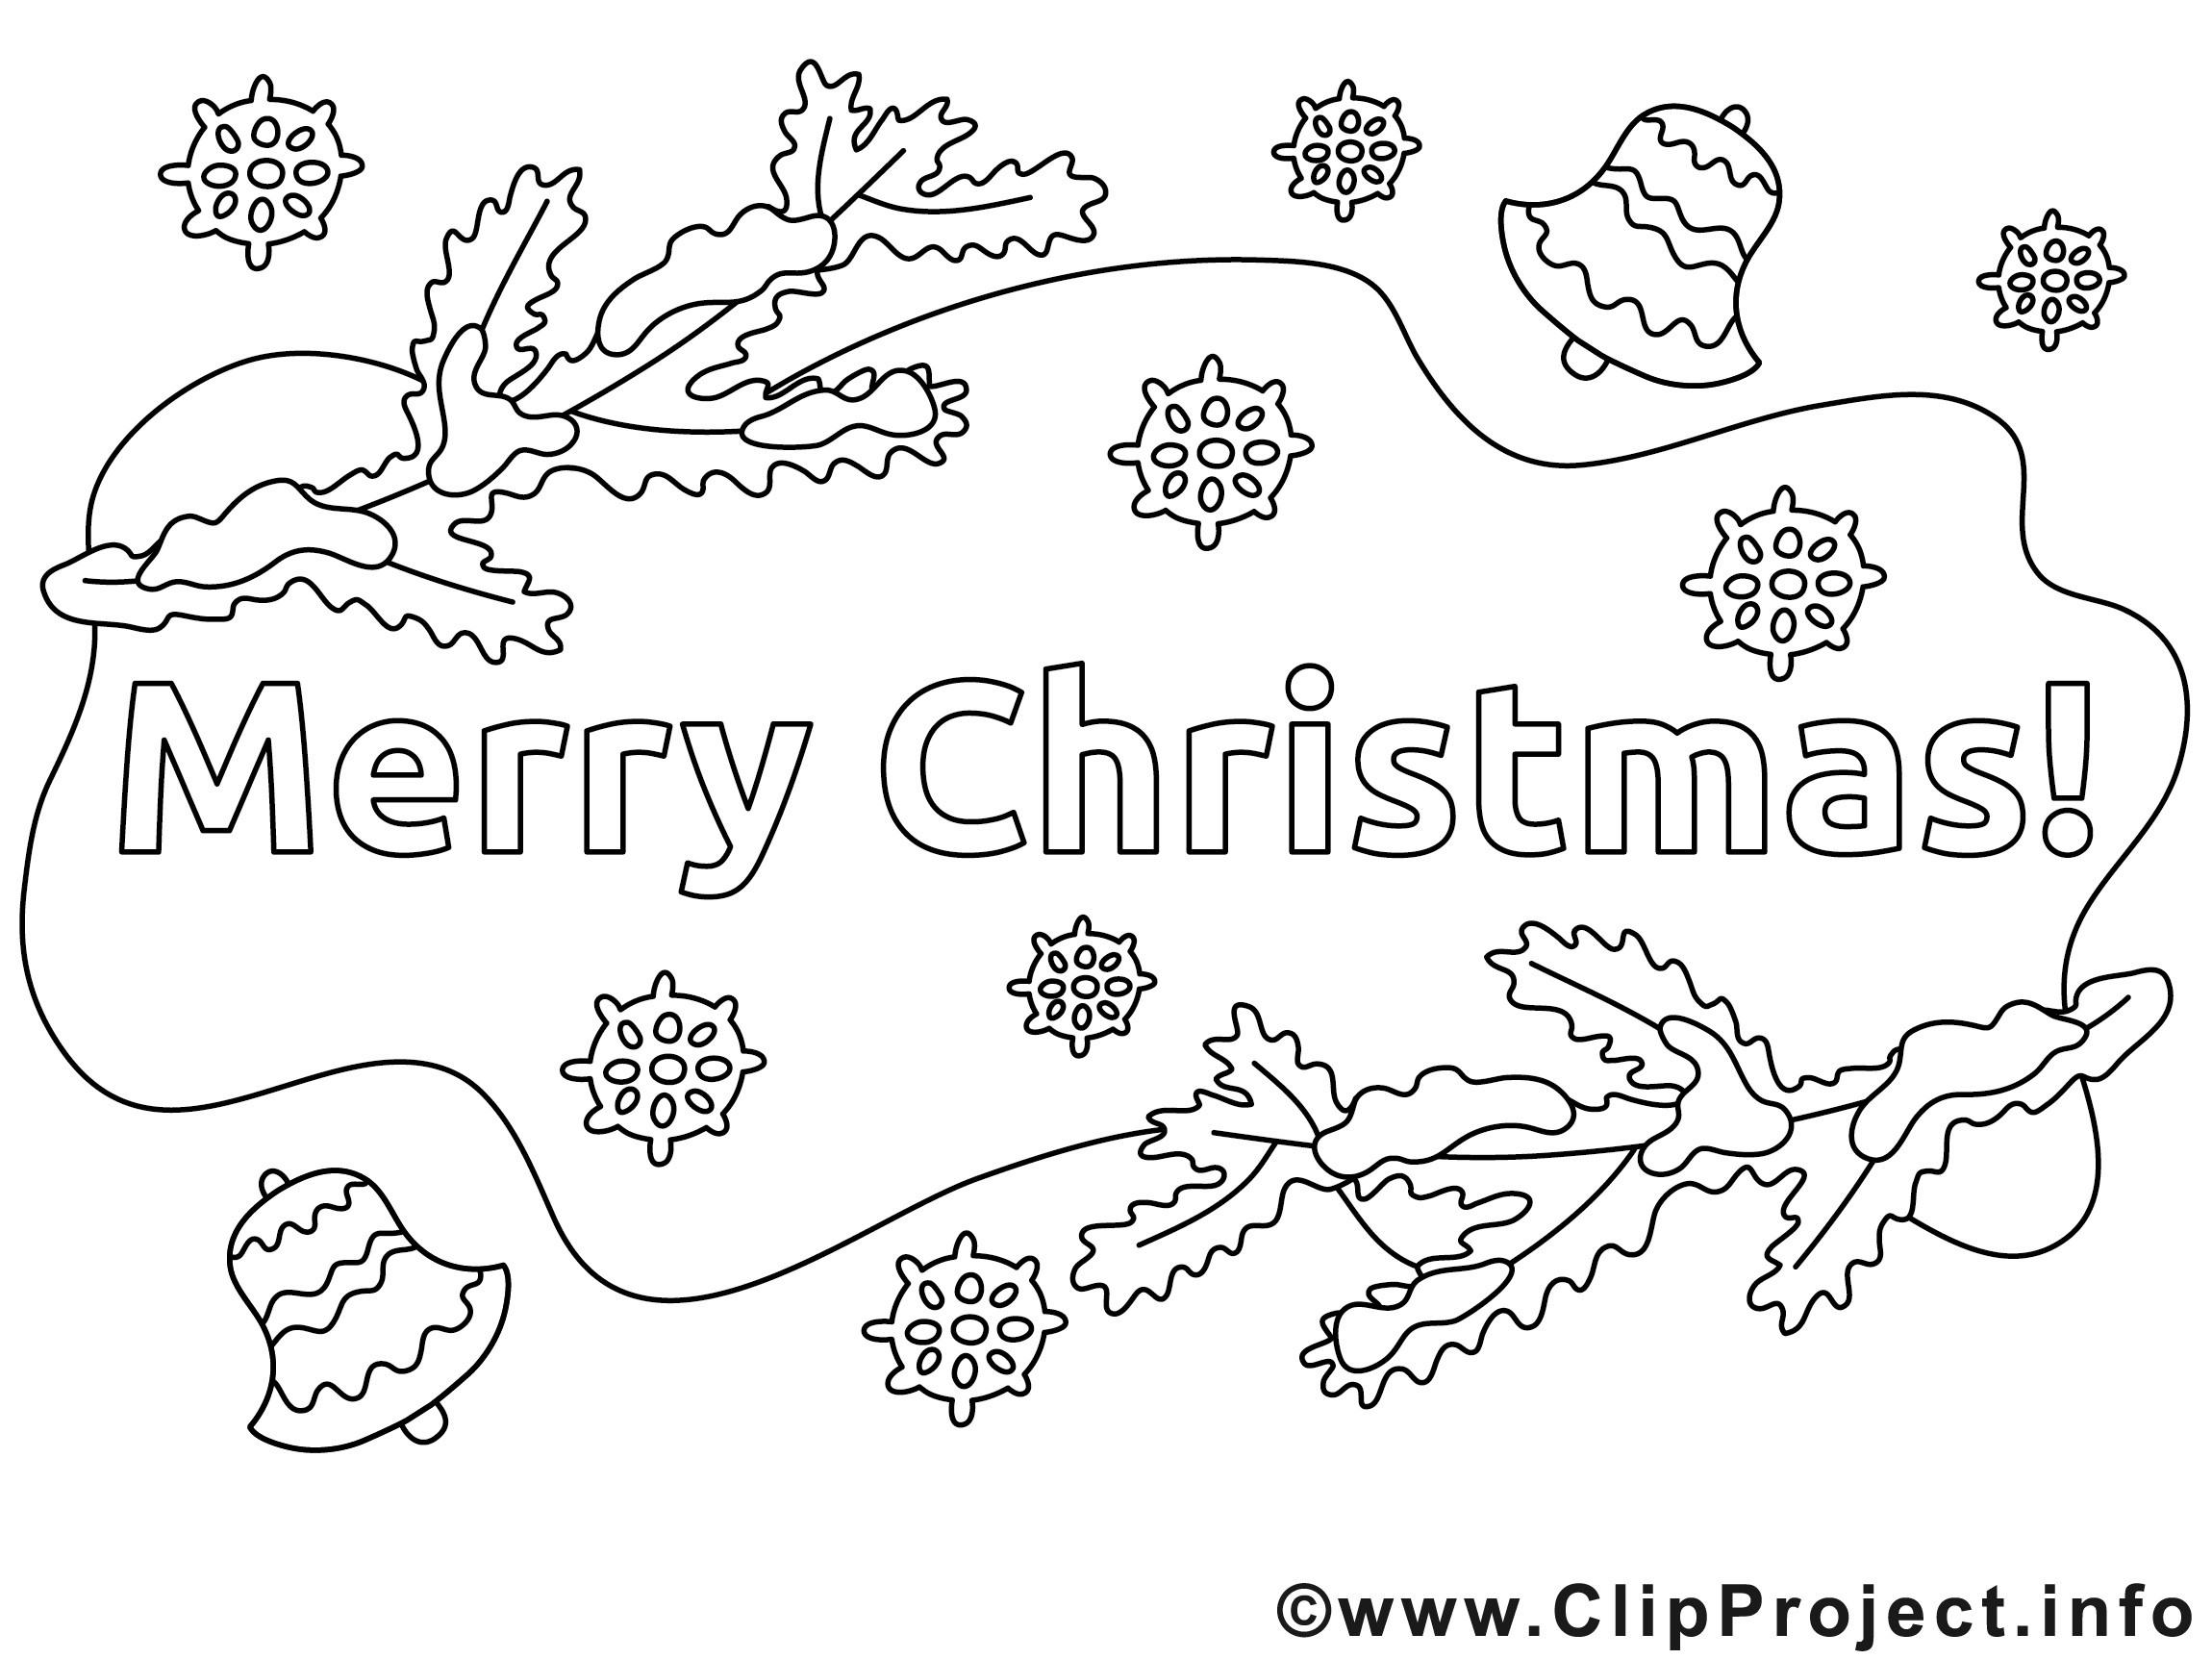 Ausmalbilder Weihnachten Ausdrucken Genial Bilder Zum Ausdrucken Weihnachten Fotos